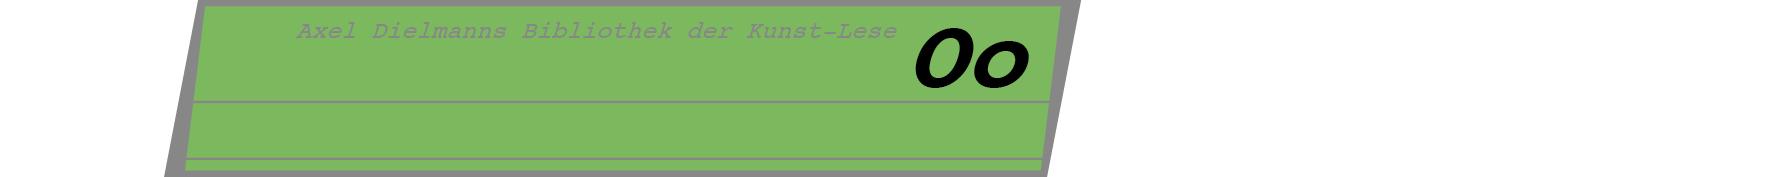 Kartei-O